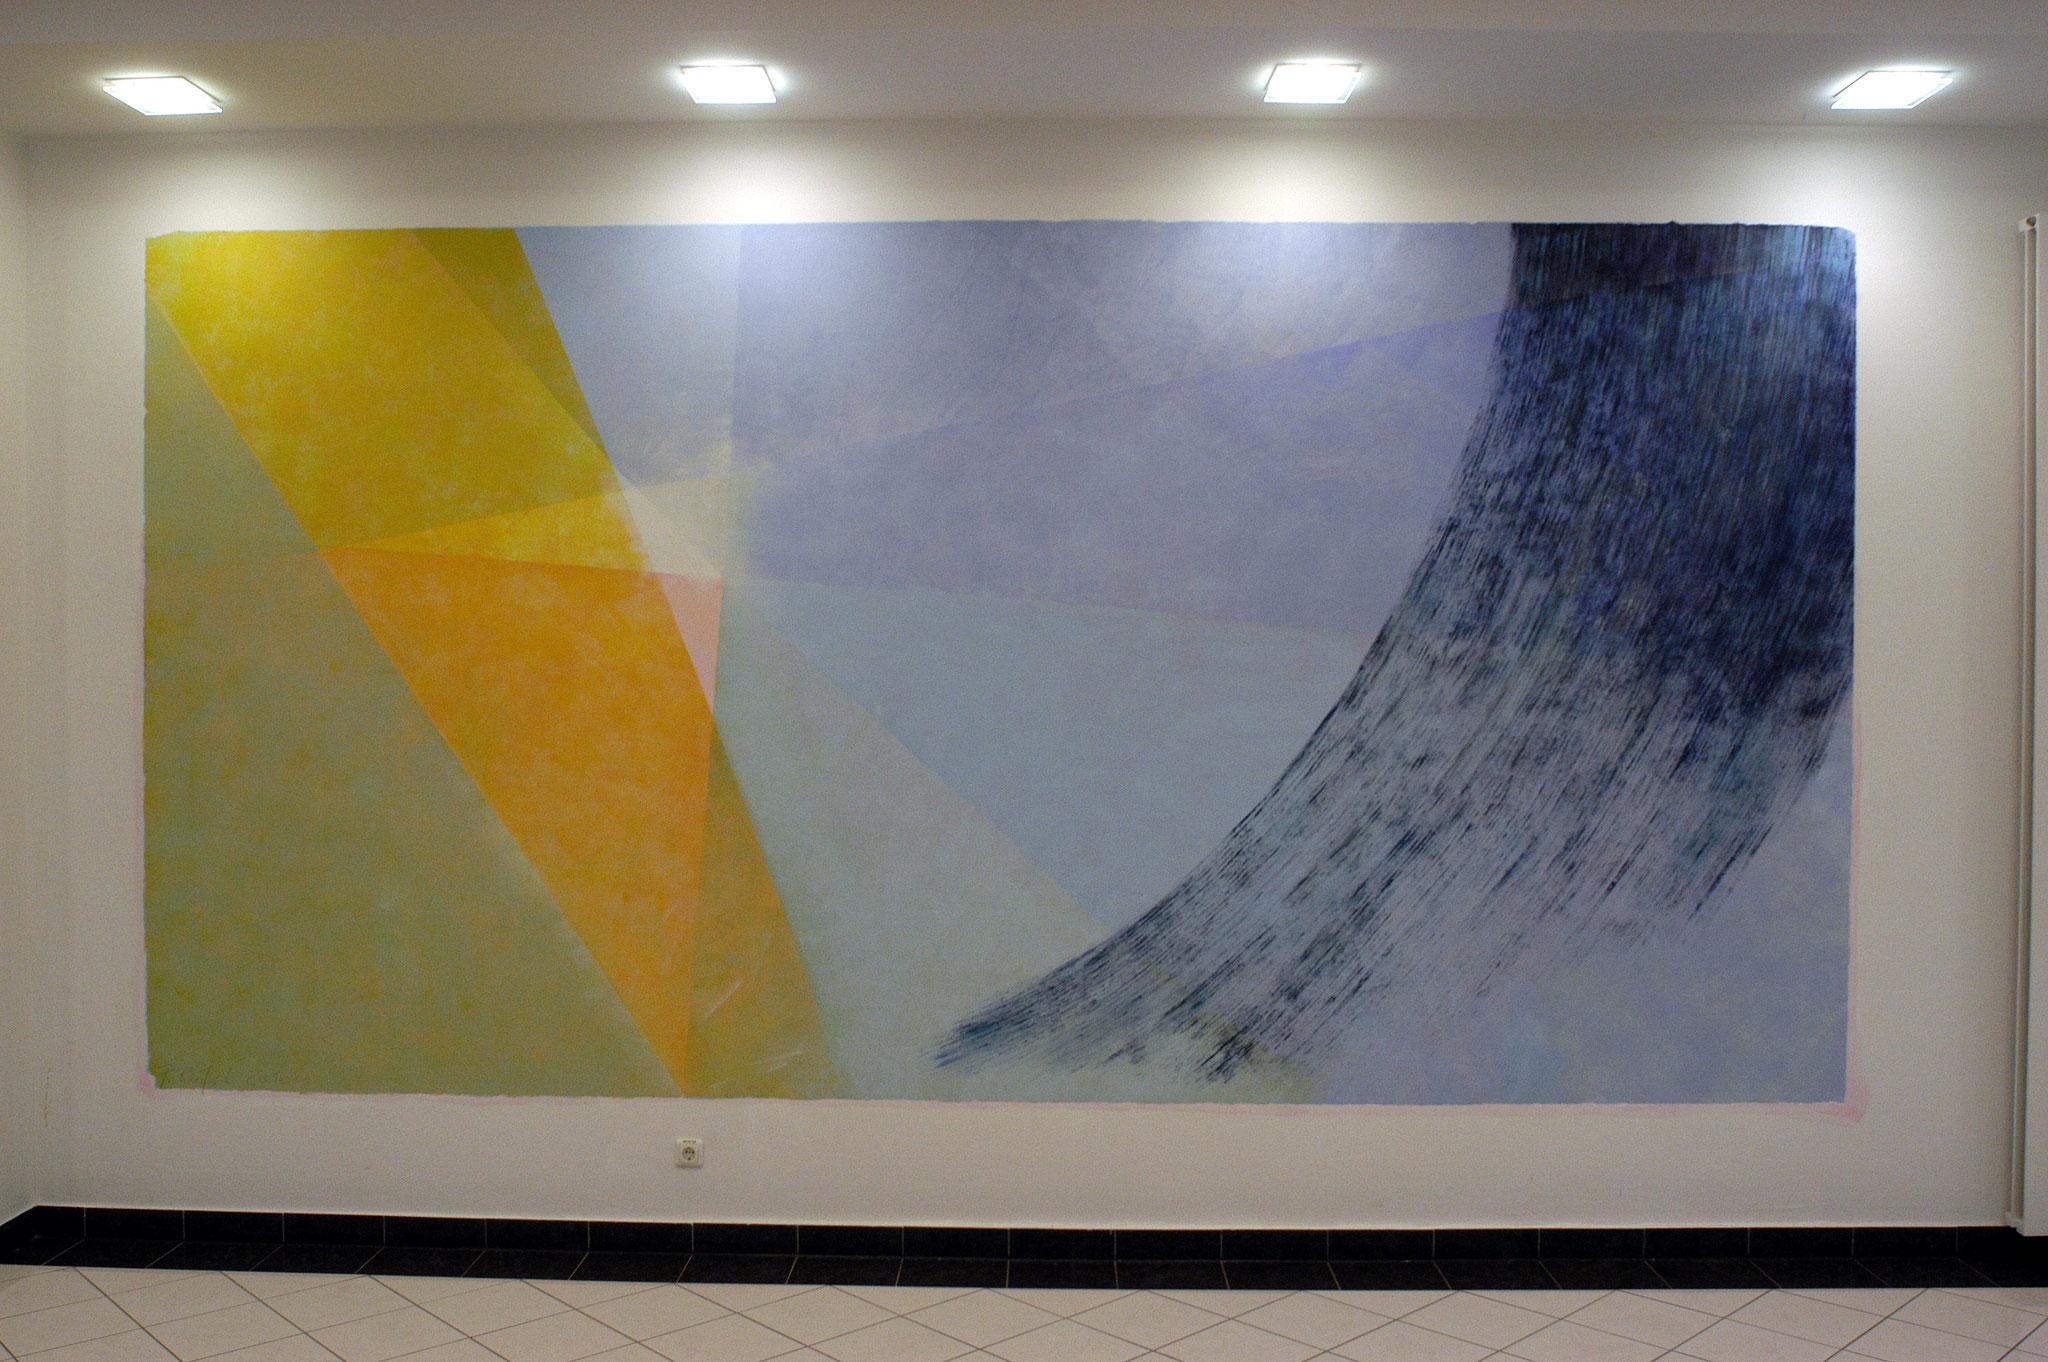 rechte Wand im Städtischen Klinikum Königstein - Acryl auf Wandfläche - ca. 3,50 x 6,50